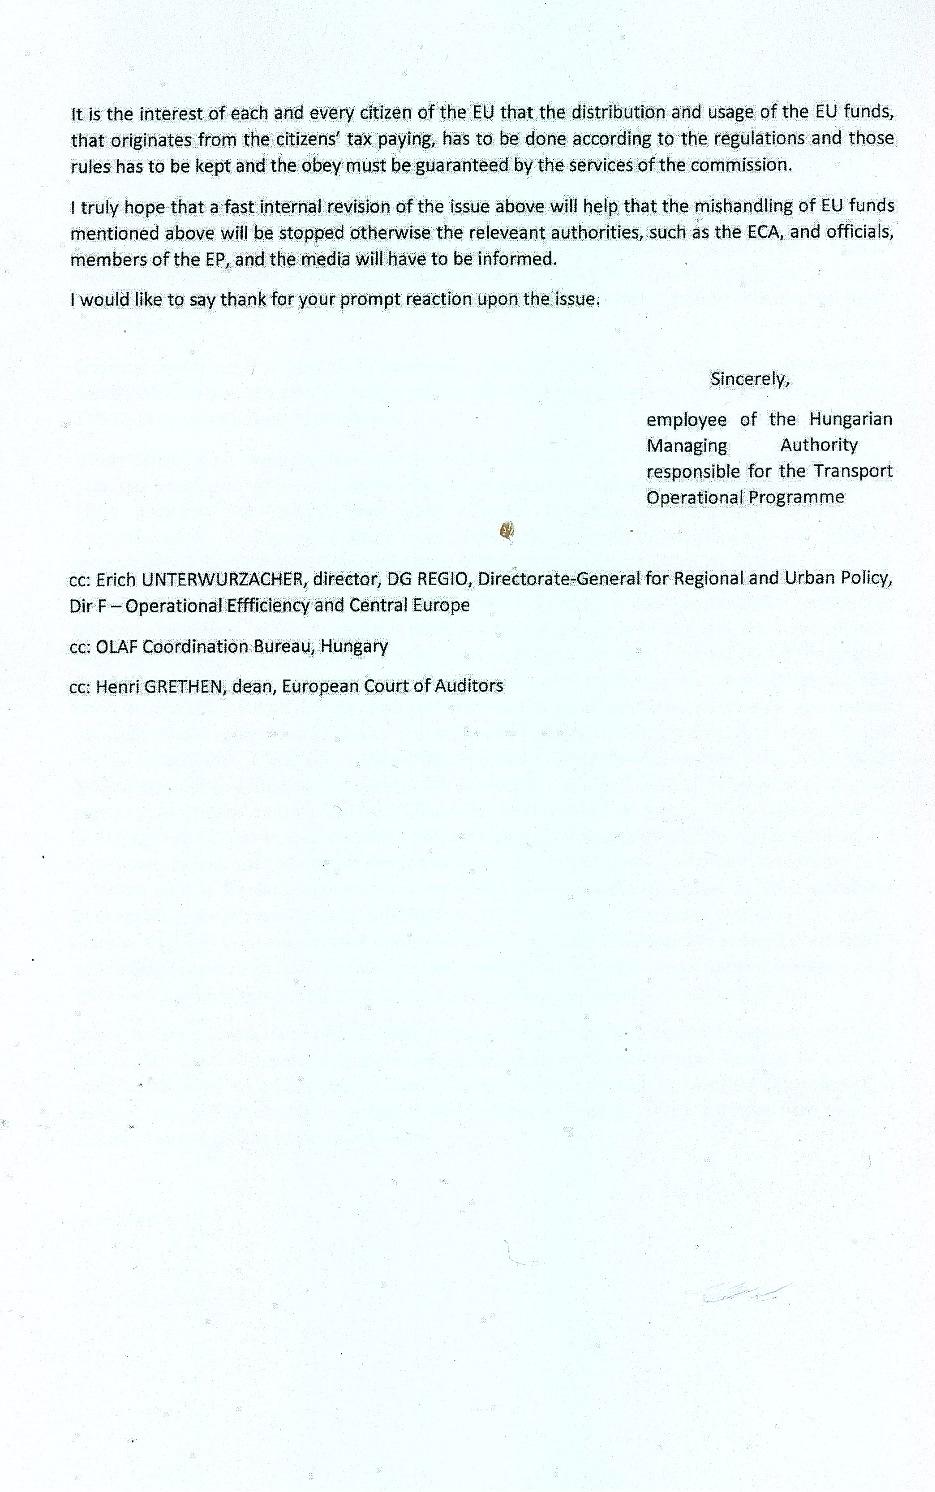 Eredeti levél 2